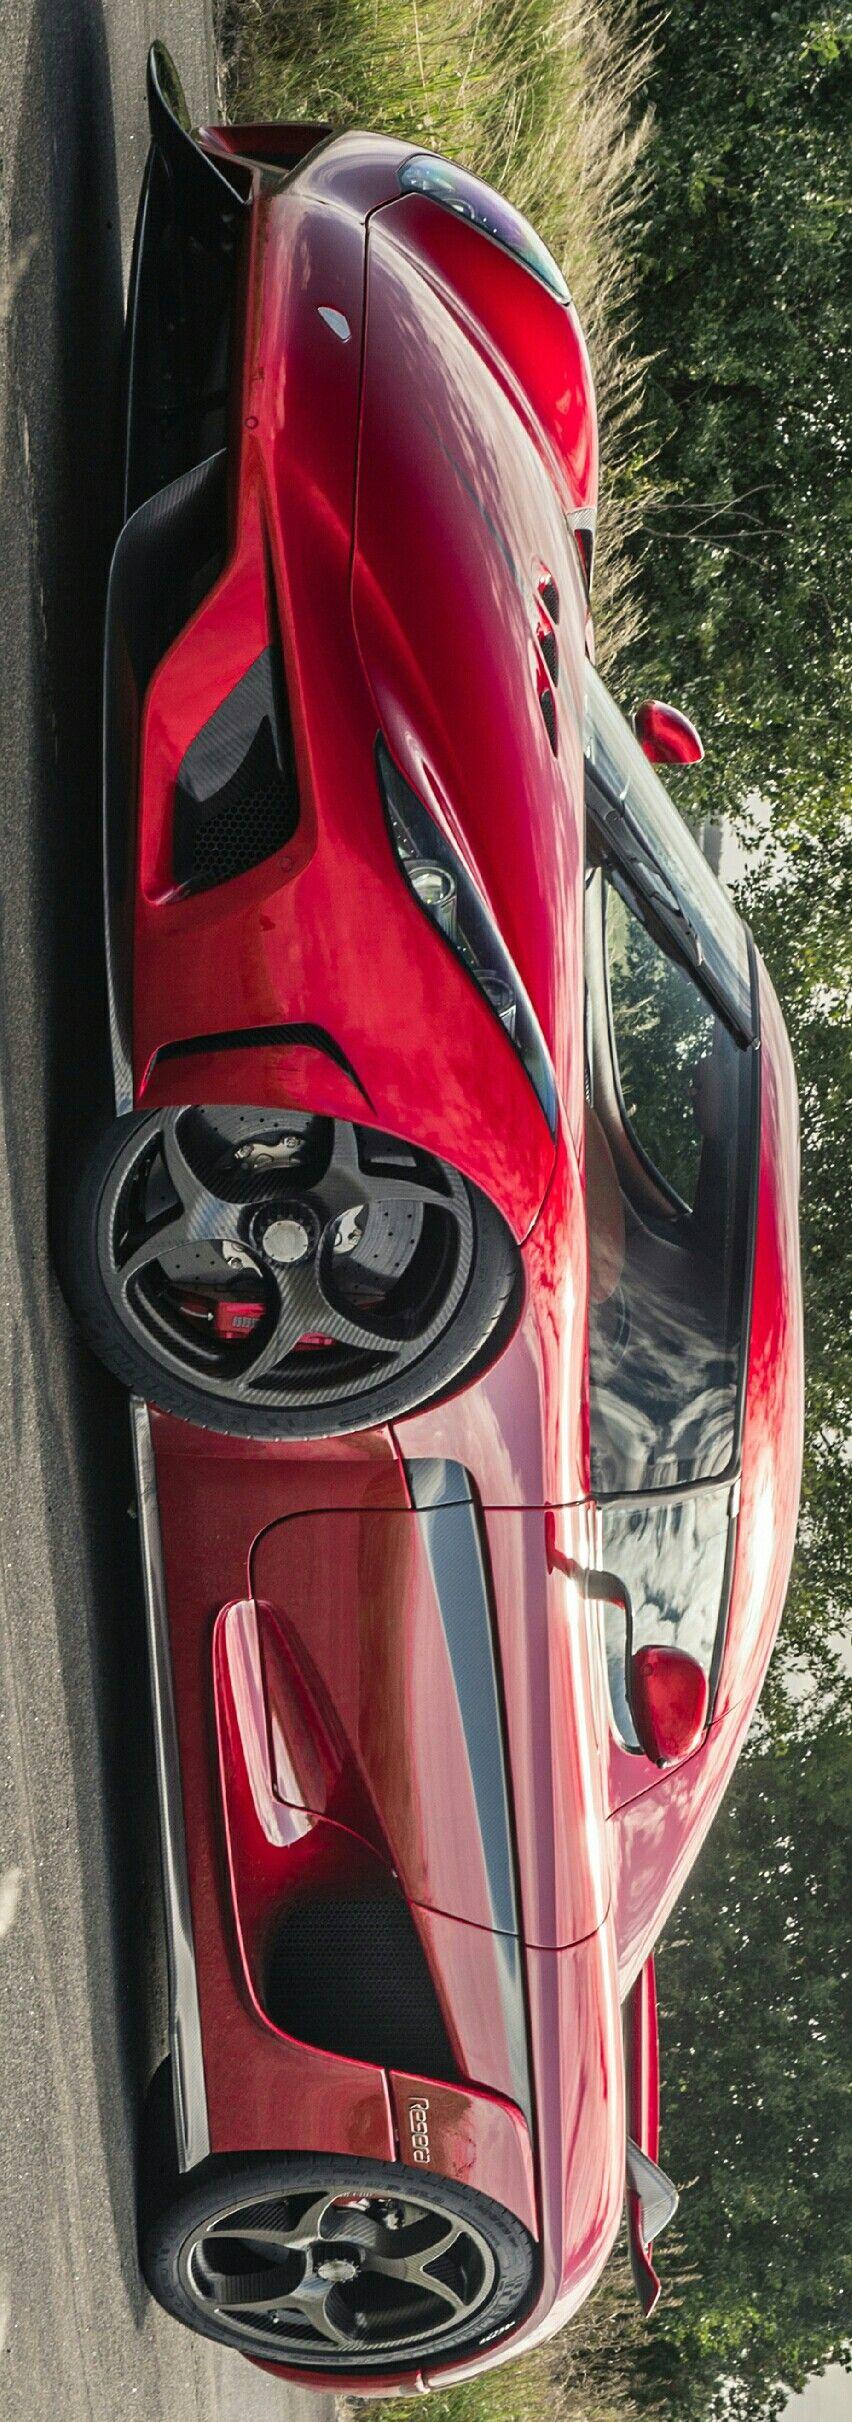 Koenigsegg Regera by Levon